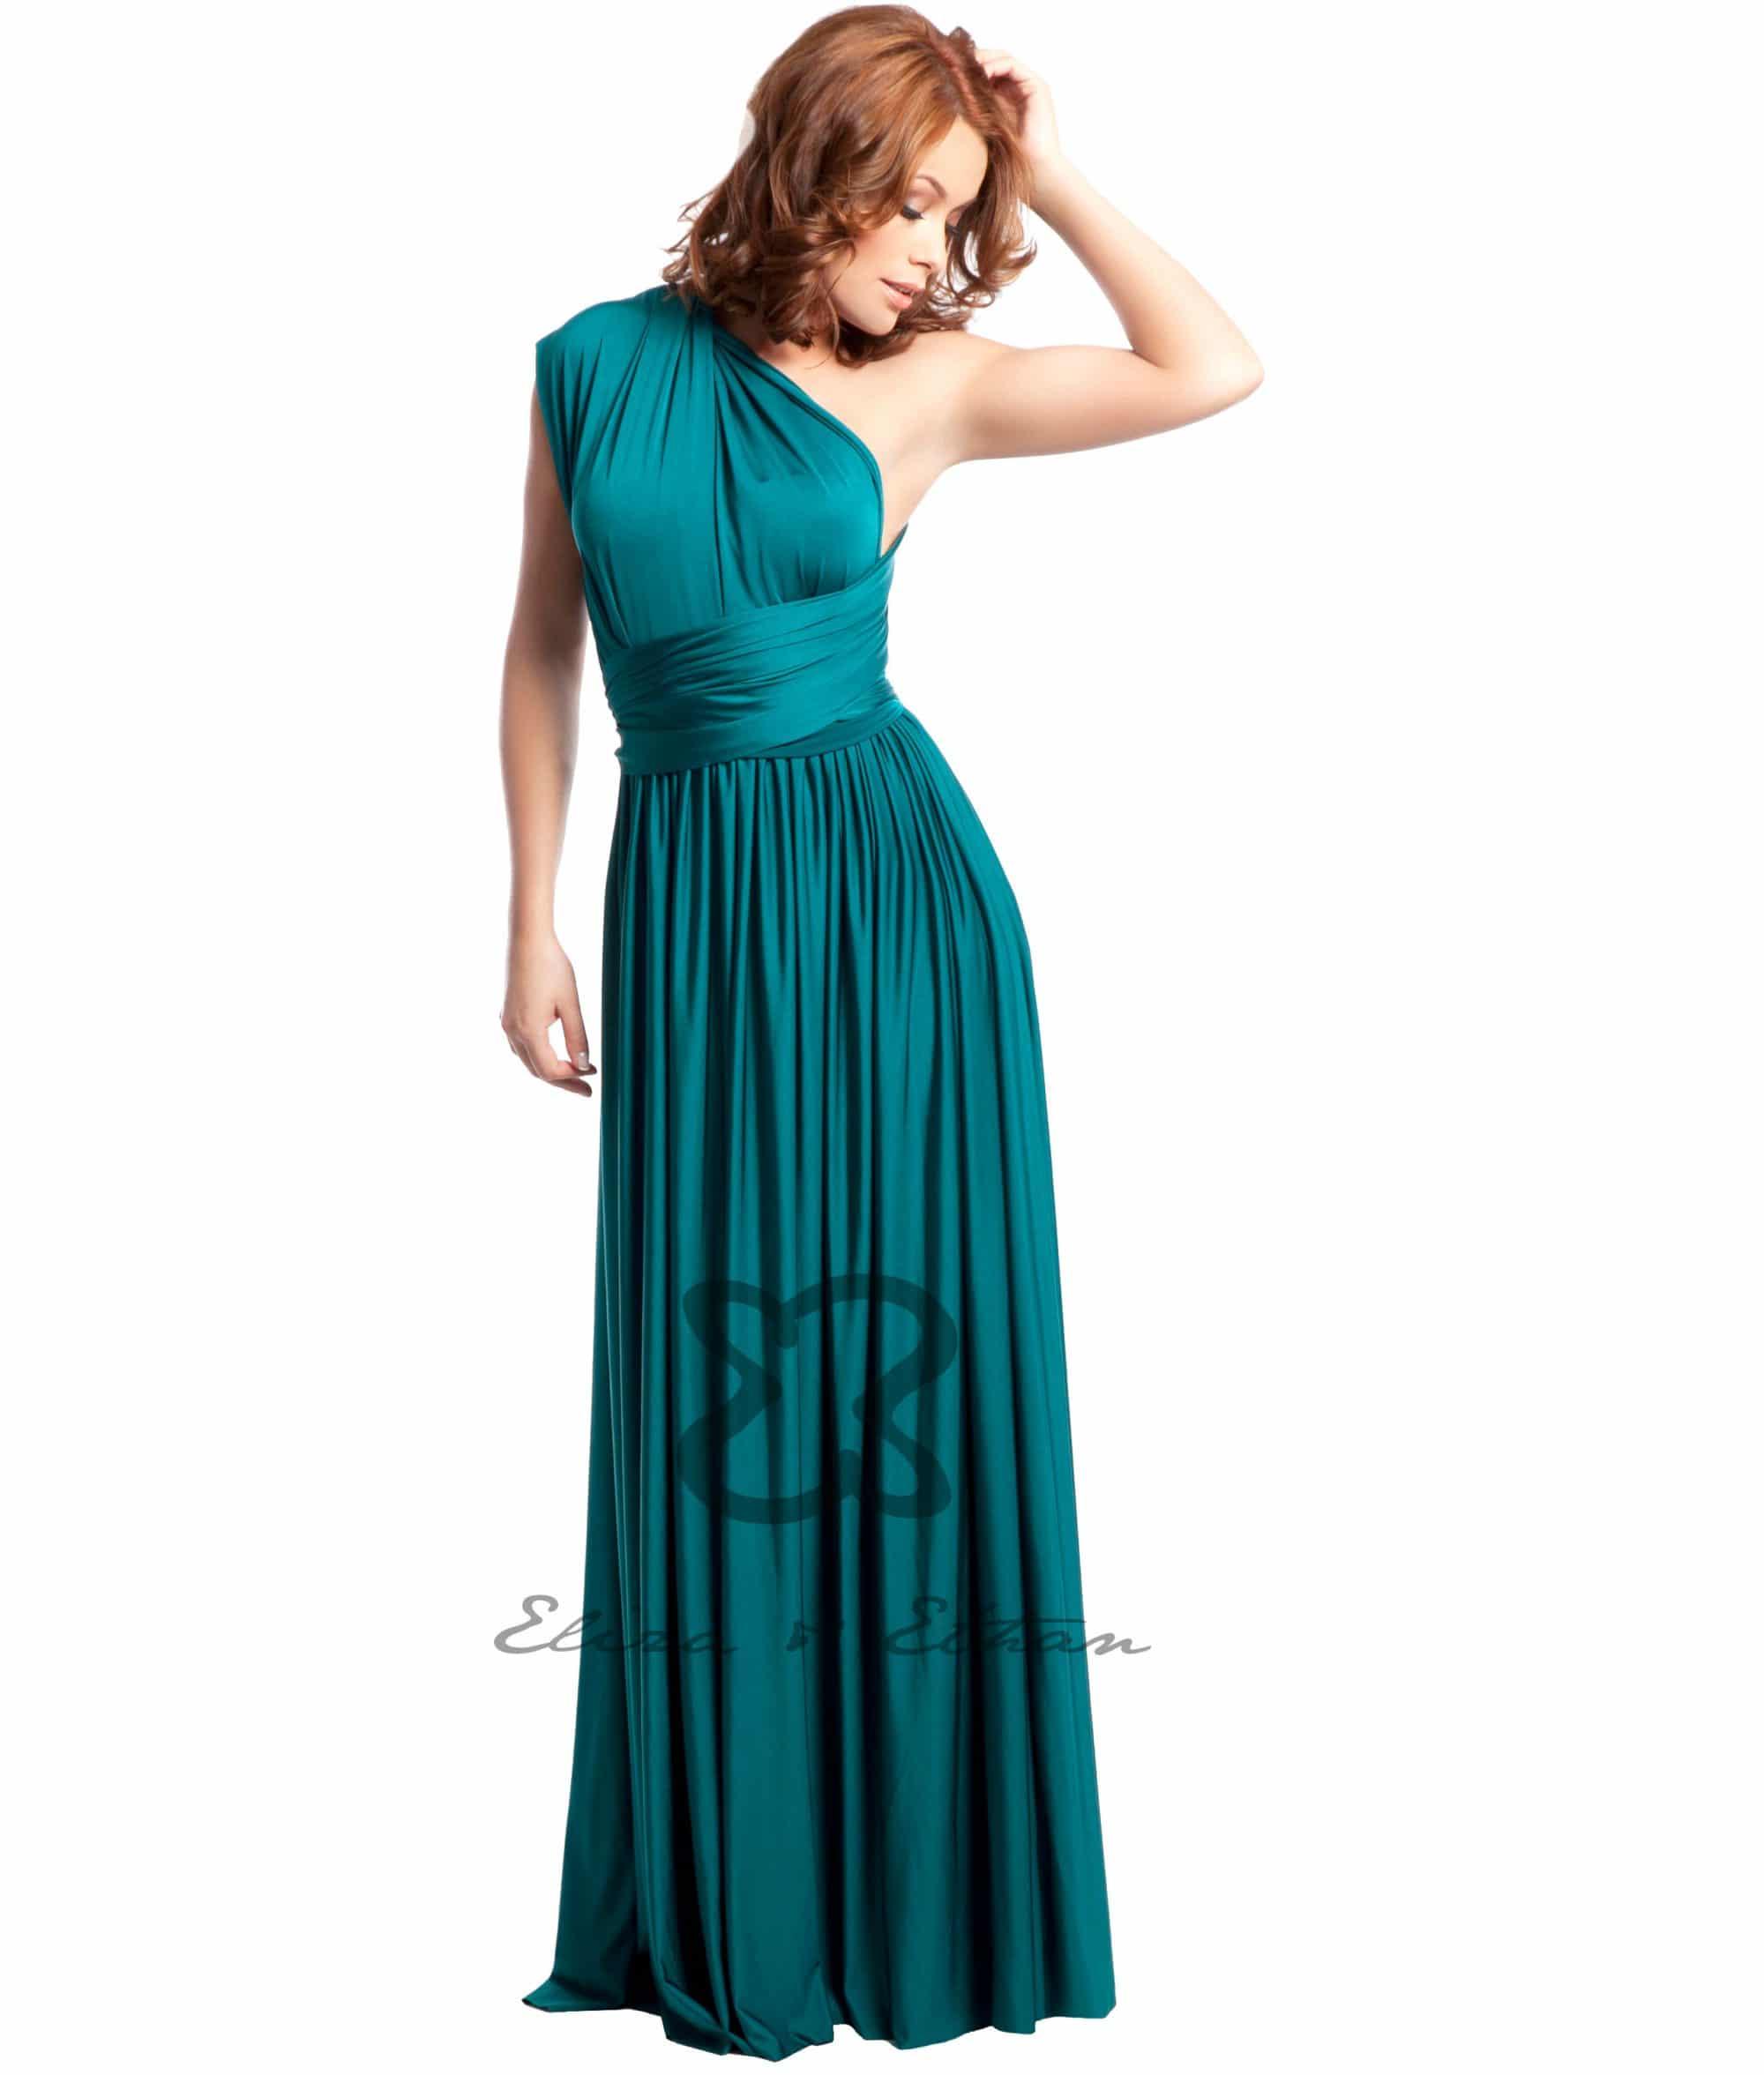 Jade Eliza U0026 Ethan Multiwrap Dress - Alila